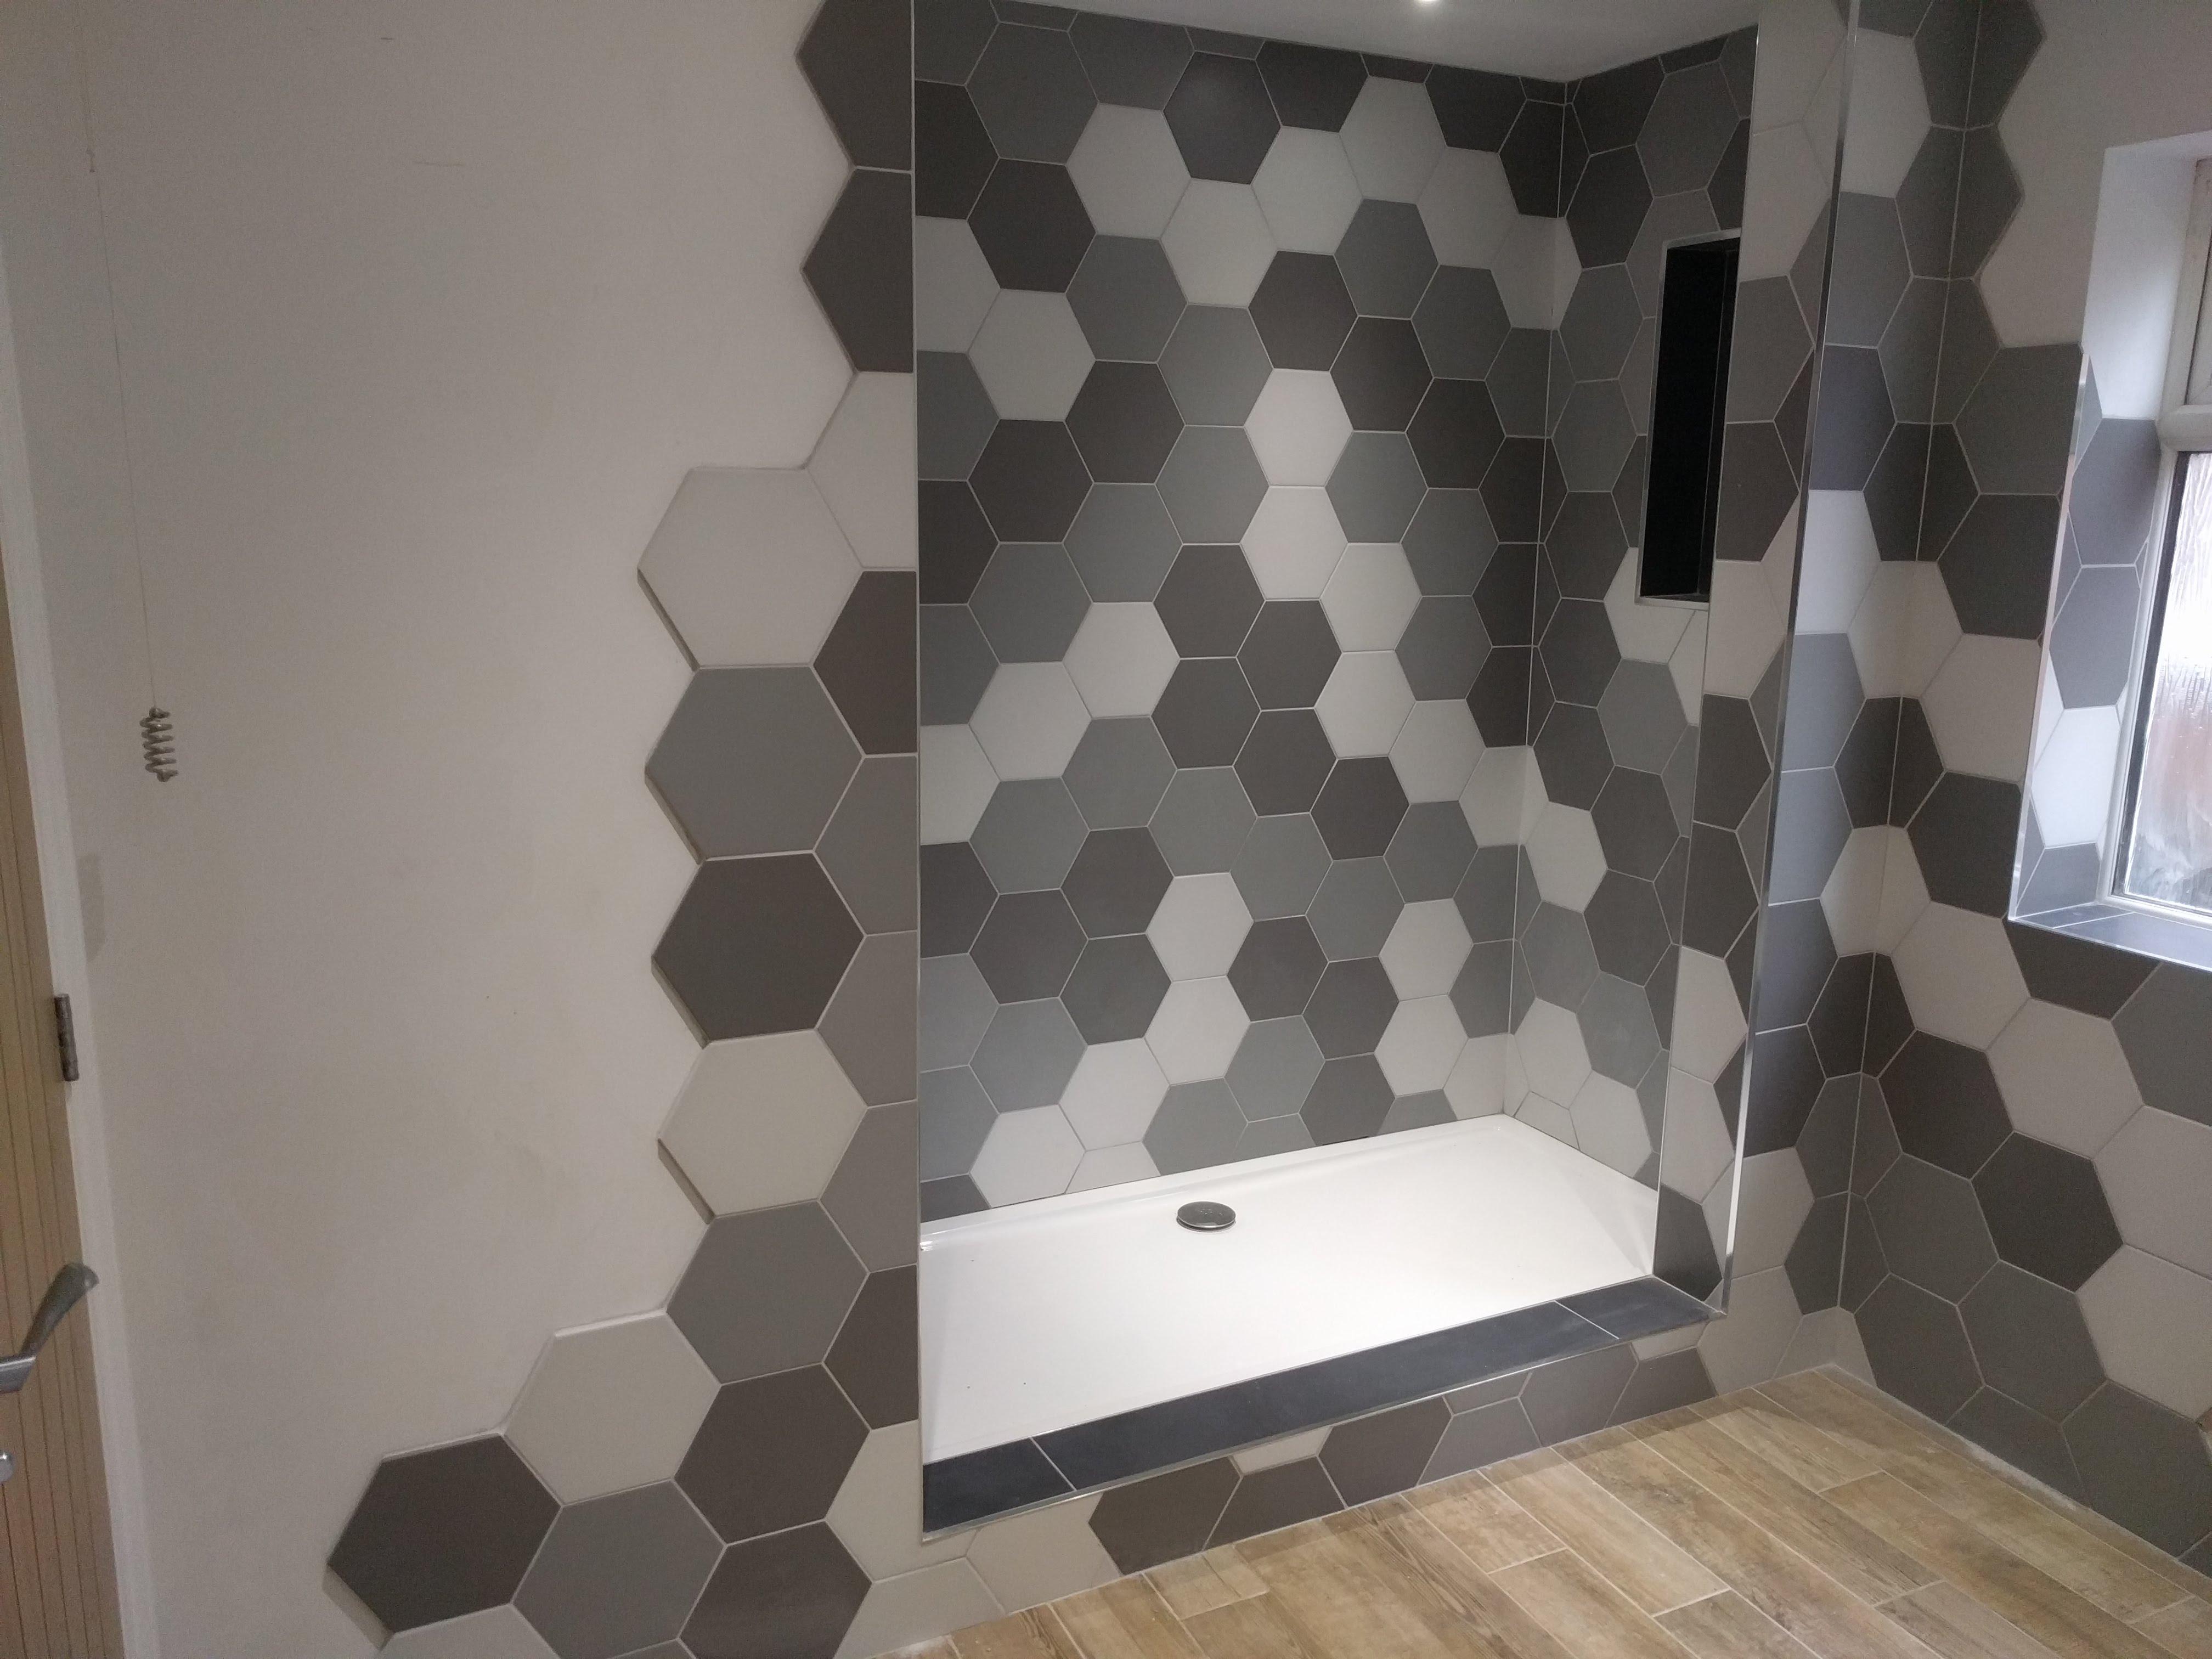 Finished Bathroom Hexagonal Tiles Tilersforums Co Uk